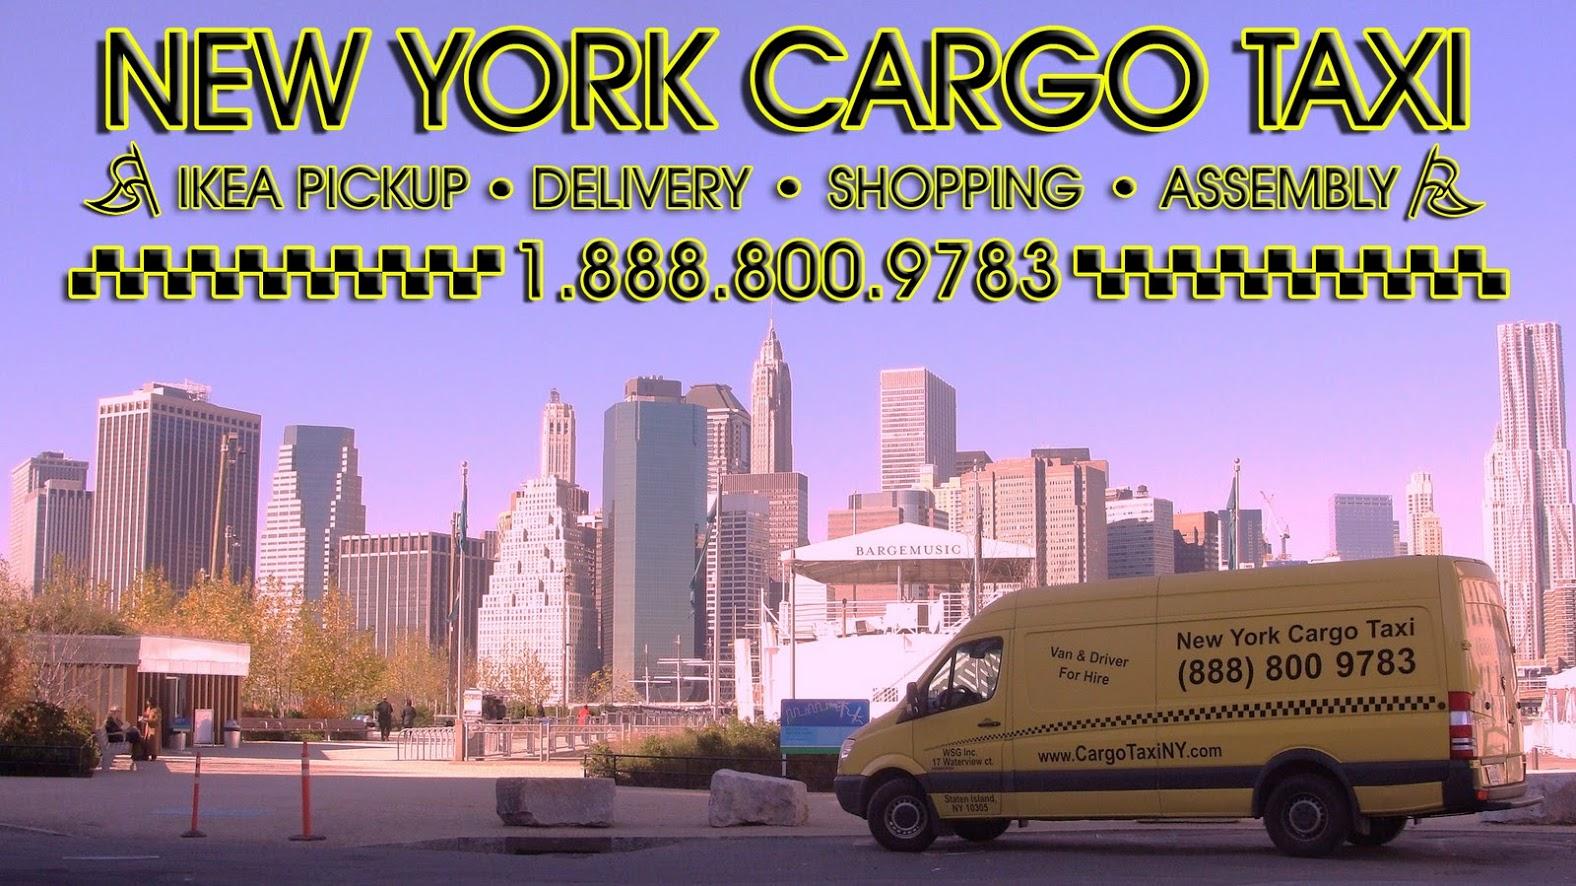 New York Cargo Taxi